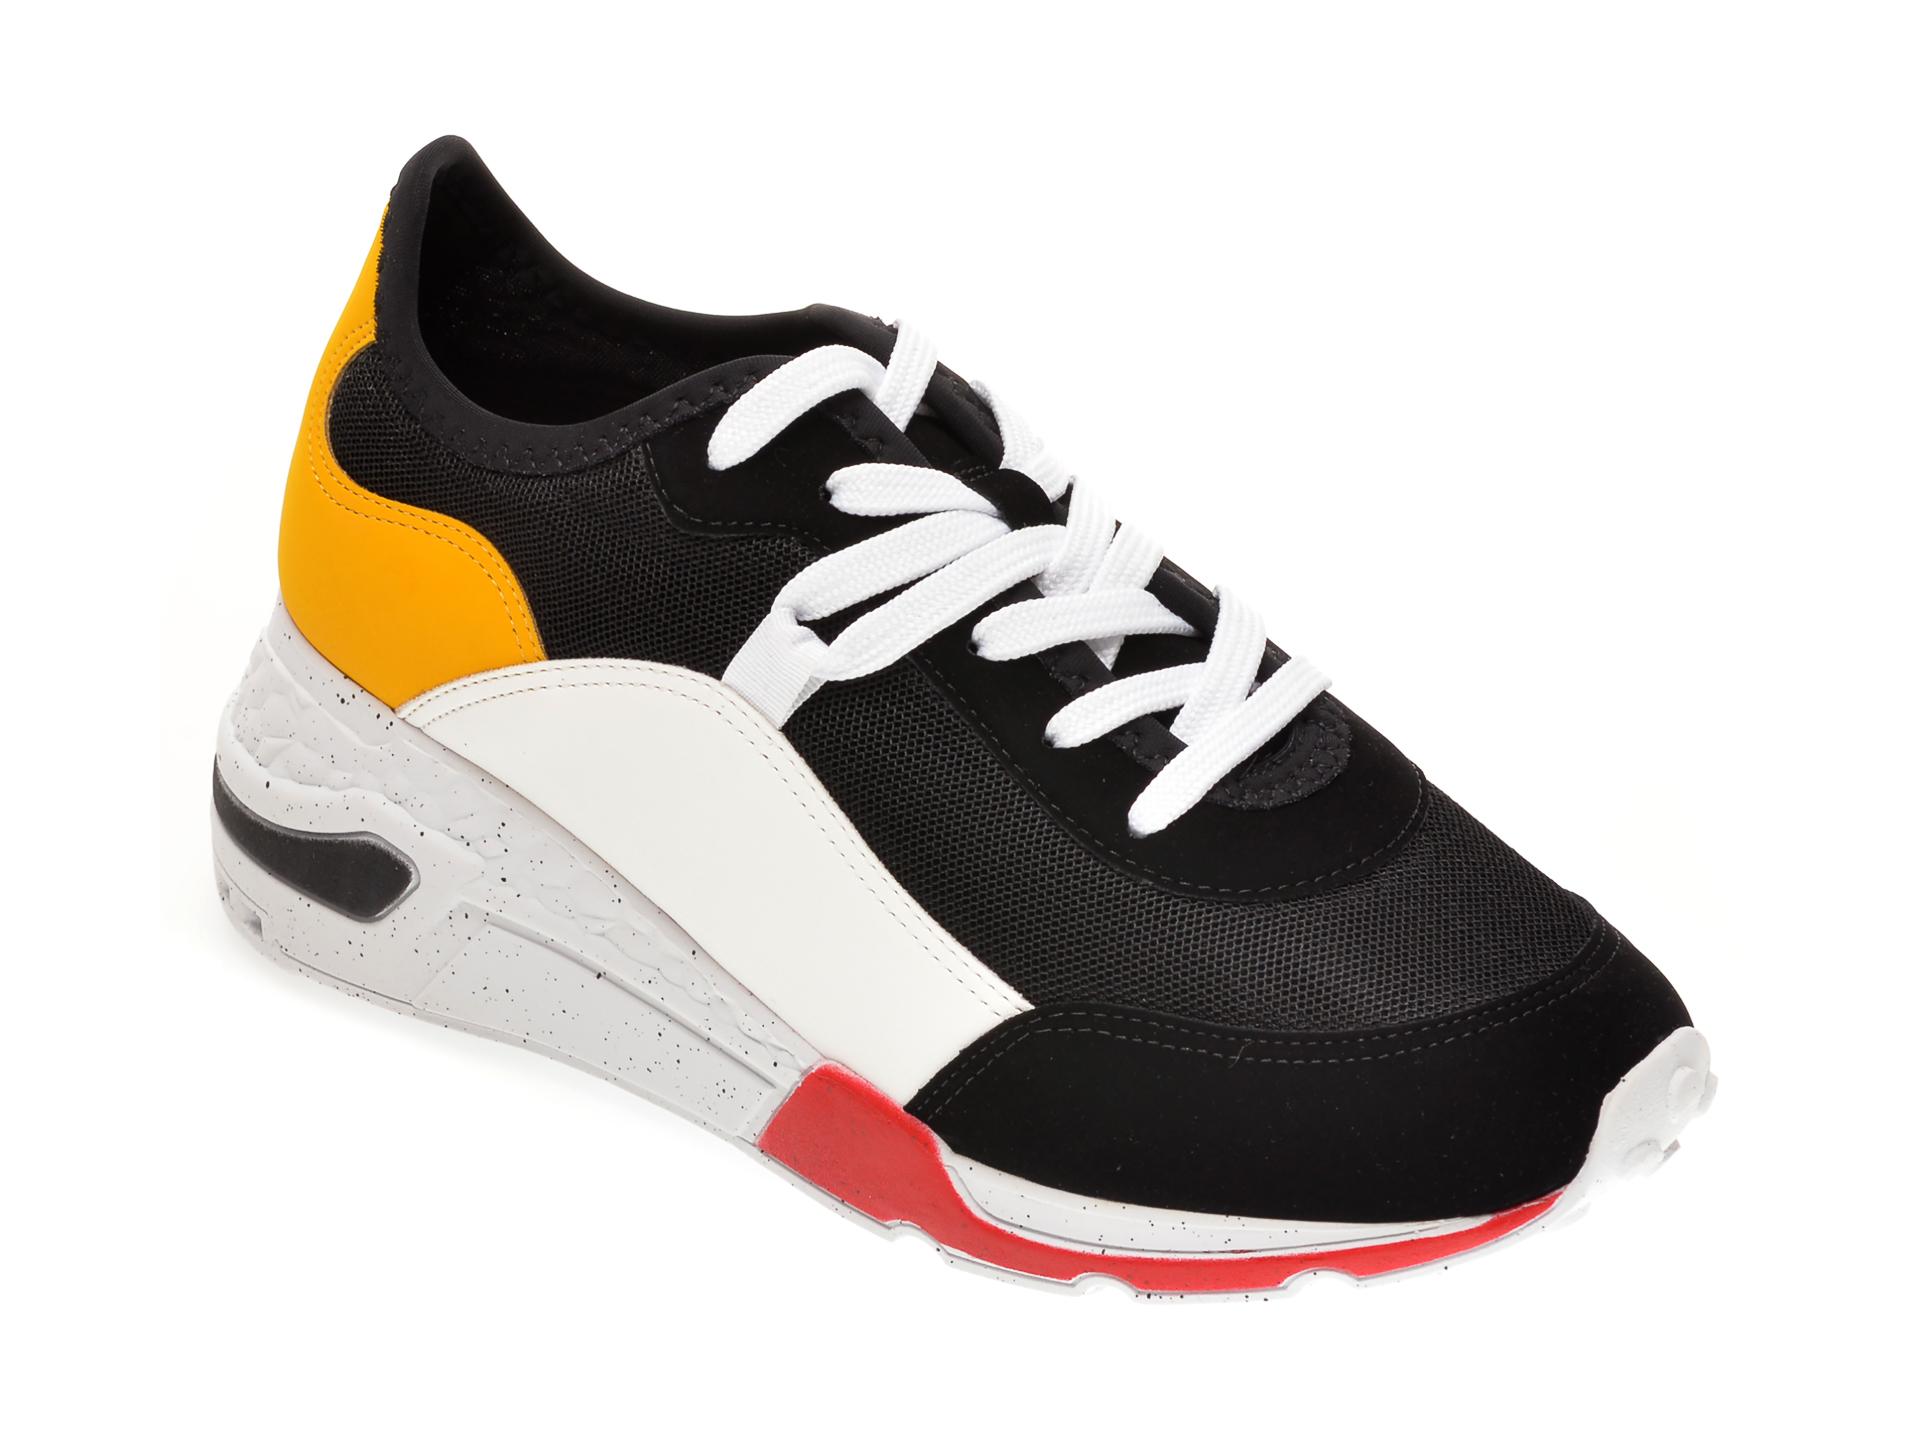 Pantofi sport ALDO negri, Cadorelia001, din material textil si piele ecologica